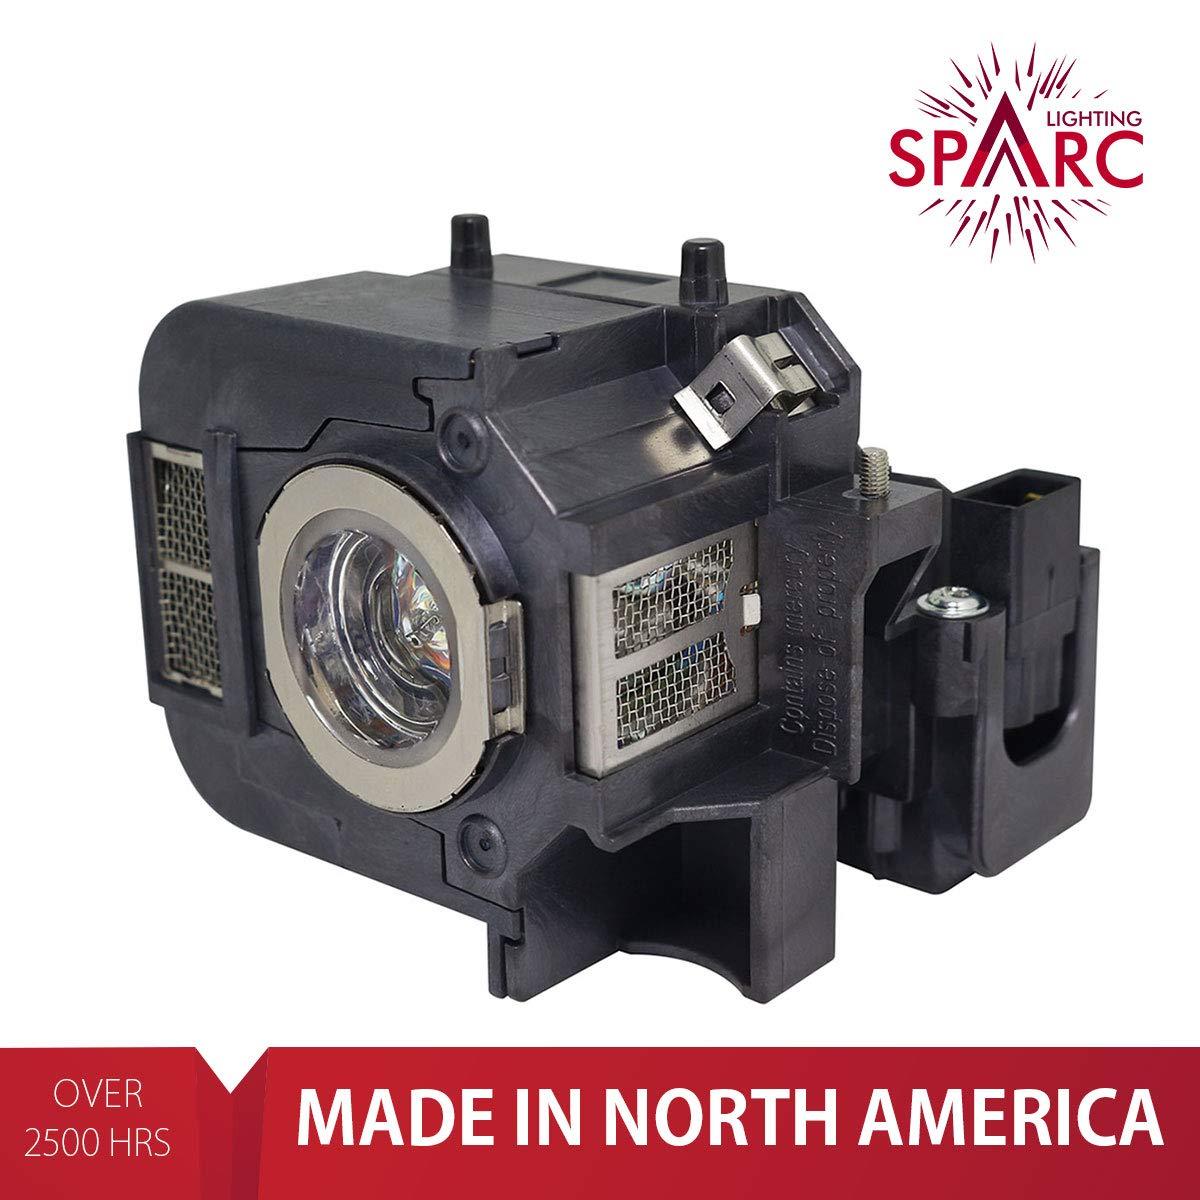 SpArc Lighting for Epson ELPLP50 V13H010L50 fits EB-824 EB-825 EB-826W EB-84 EB-84e EB-84he EB-85 EMP-825 EMP-84 EMP-84he H294B H295A H296A H297A H353A H353B H353C H354C H355B H355C H356C H357C